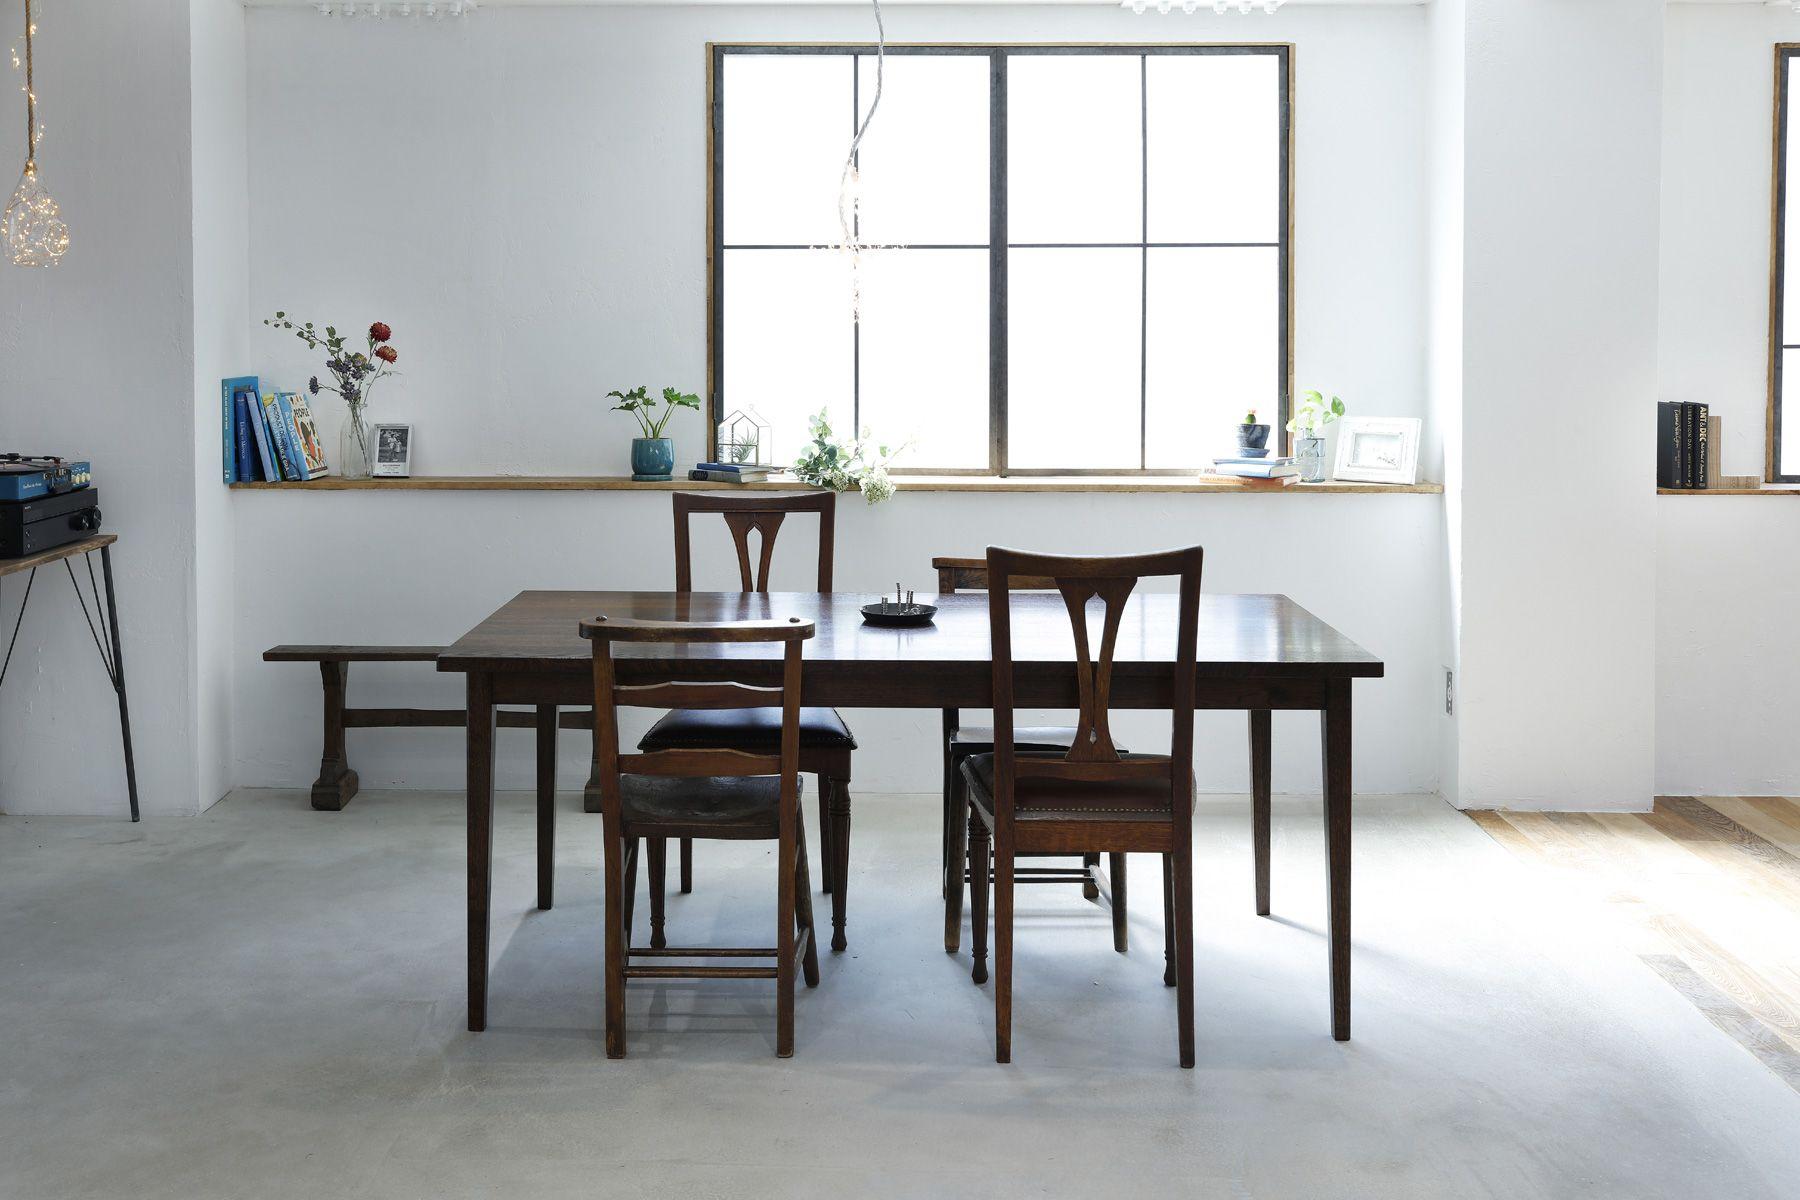 studio limll(スタジオ リムル)1Fテーブル